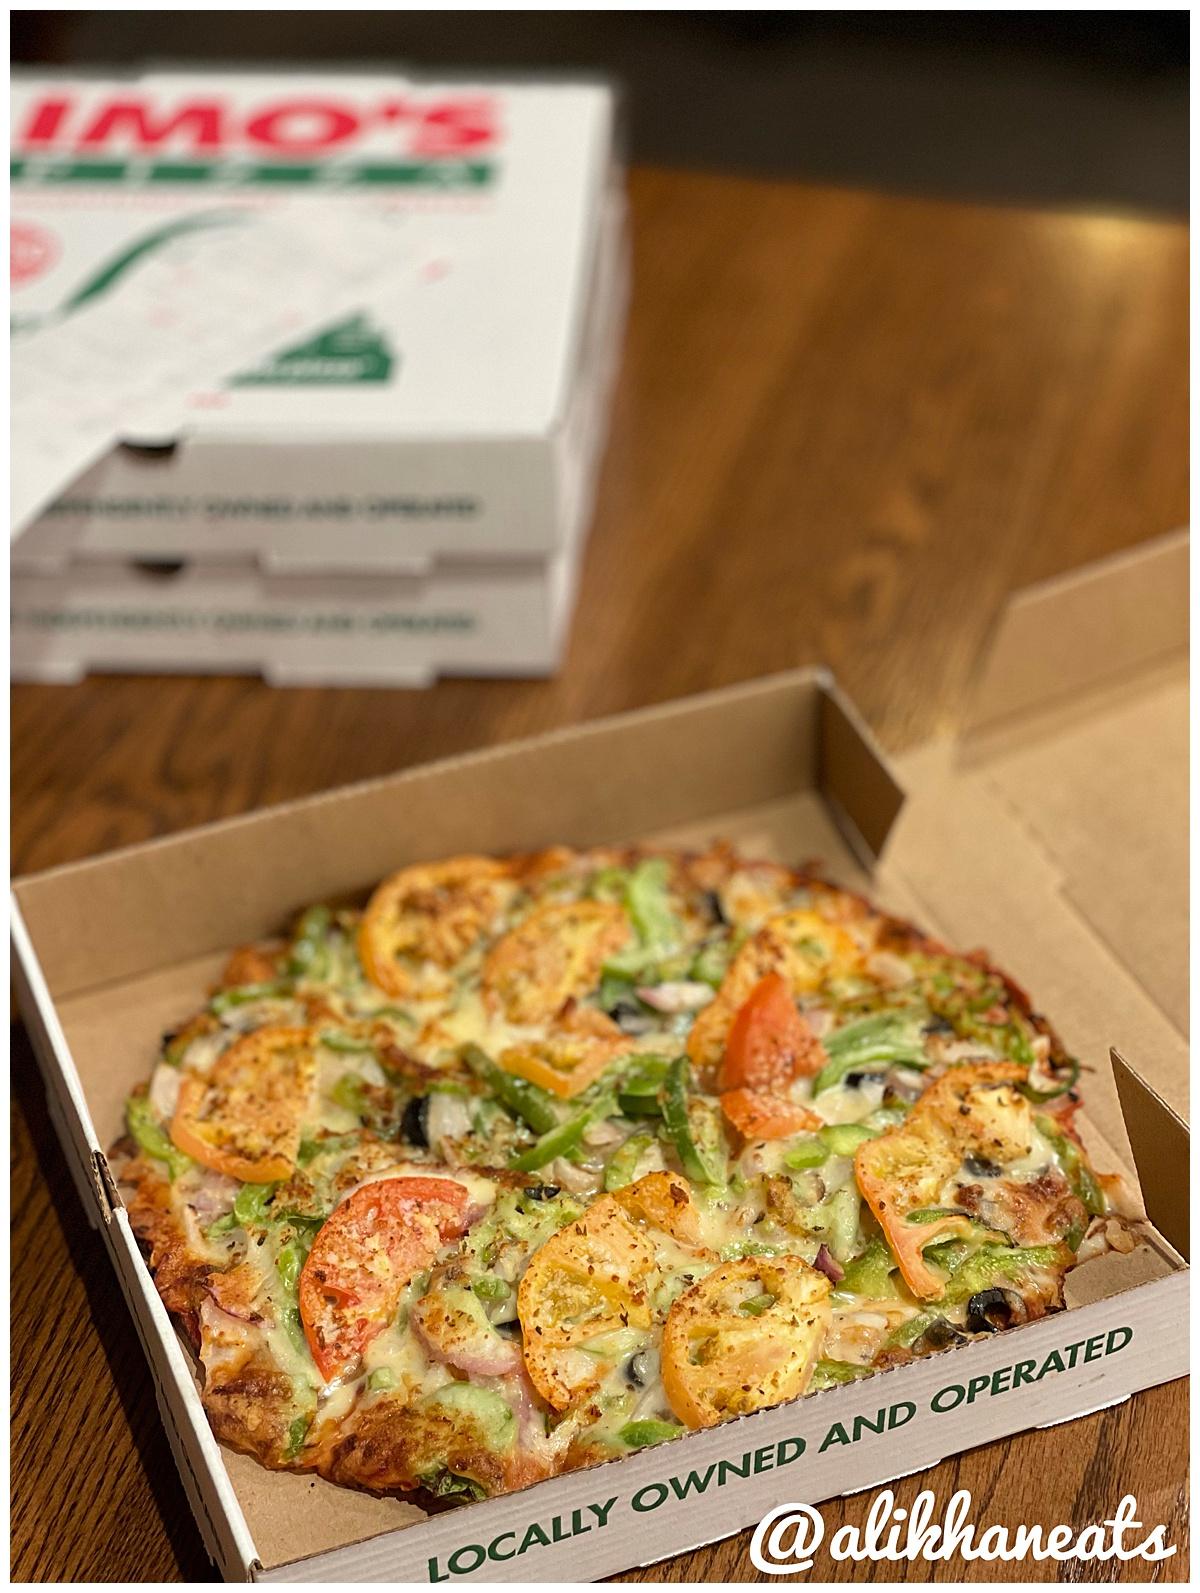 Imo's veggie pizza